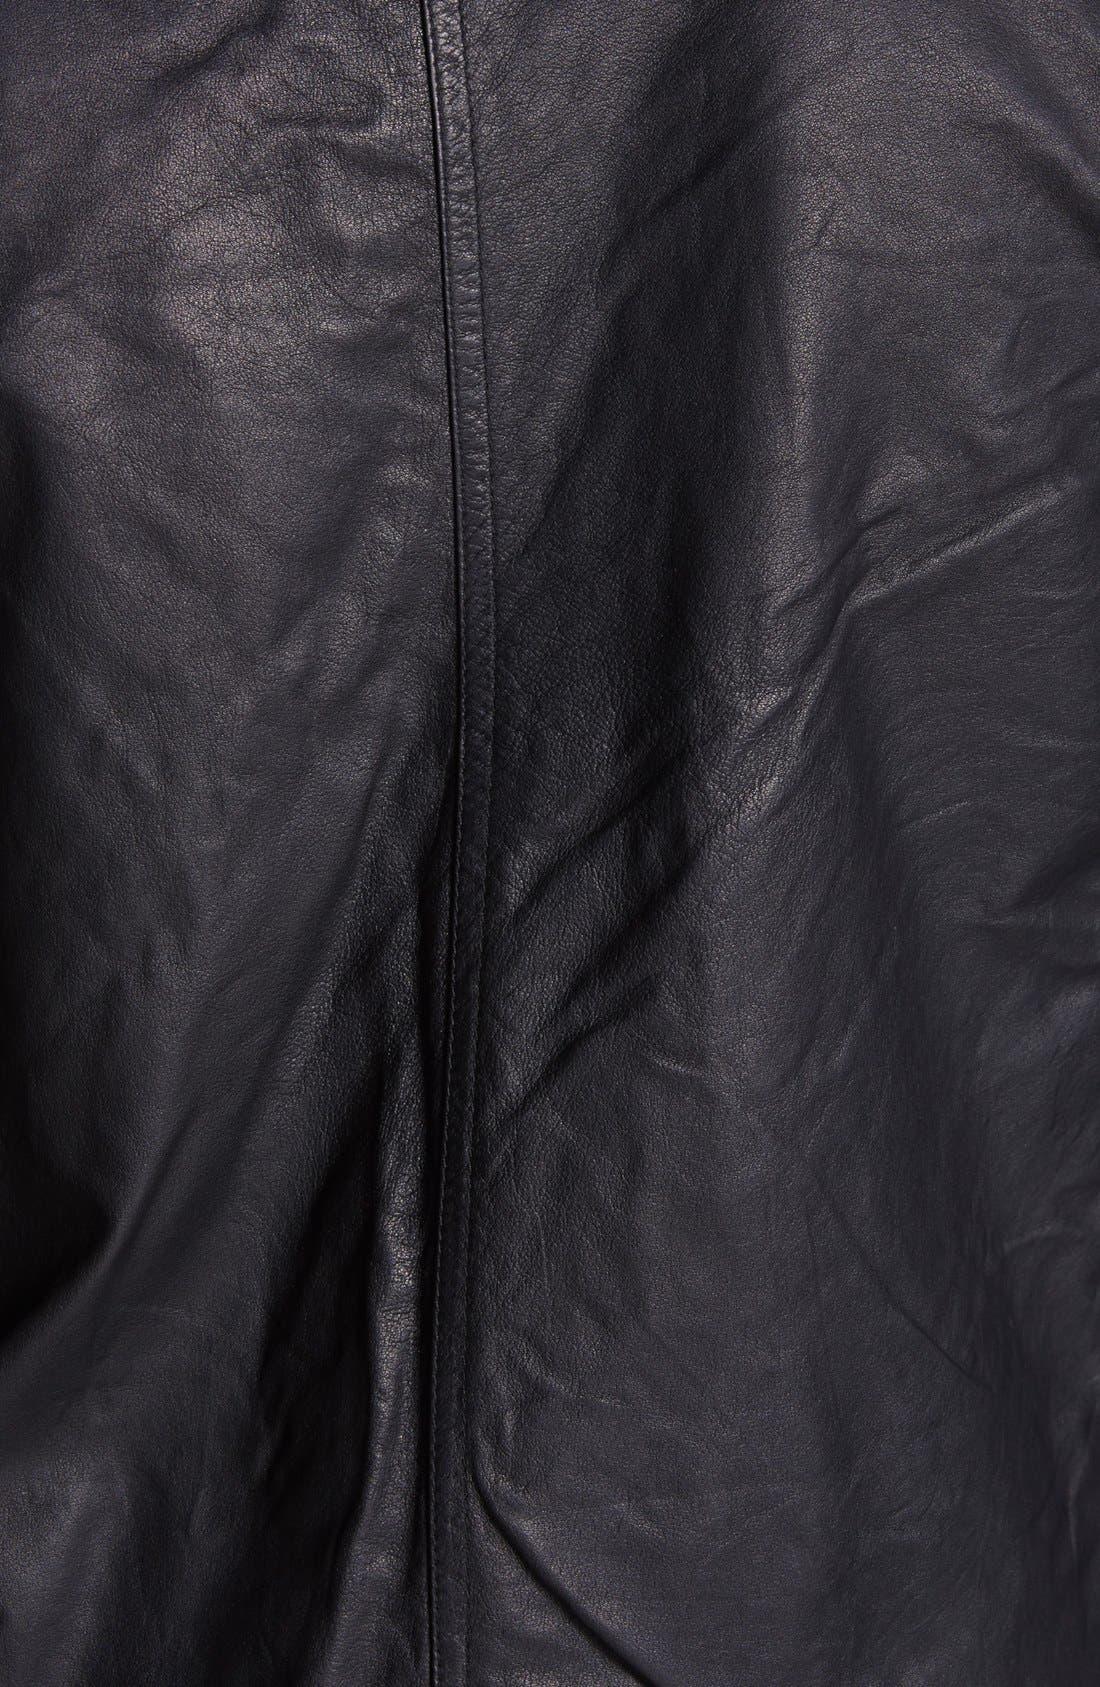 Alternate Image 3  - rag & bone 'Macclesfield' Kangaroo Leather Jacket